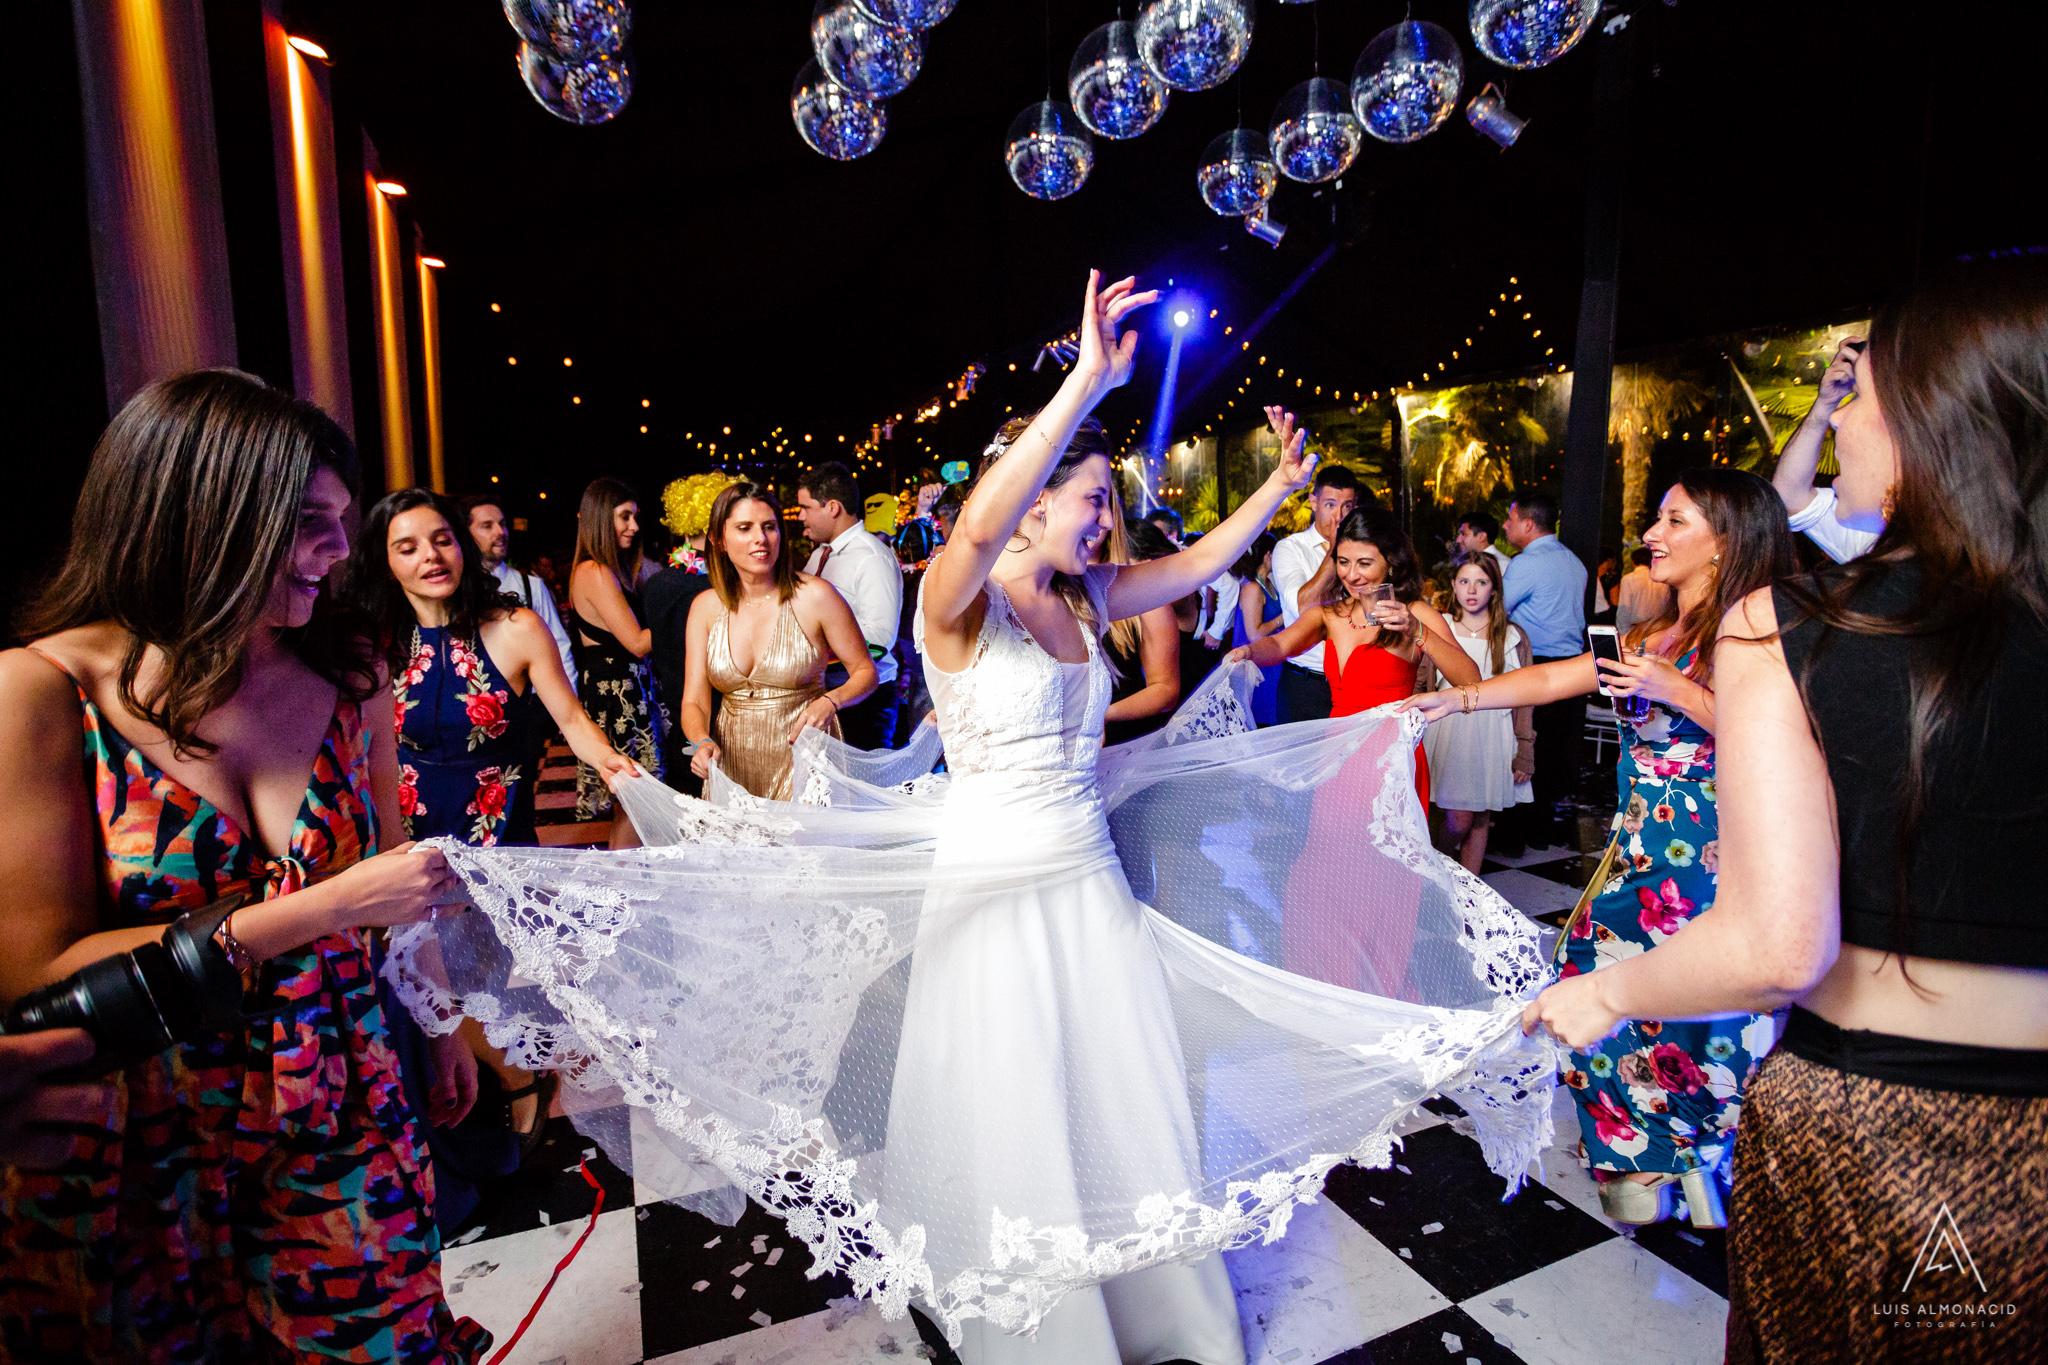 foto-matrimonio-casona-macul-santiago-chile